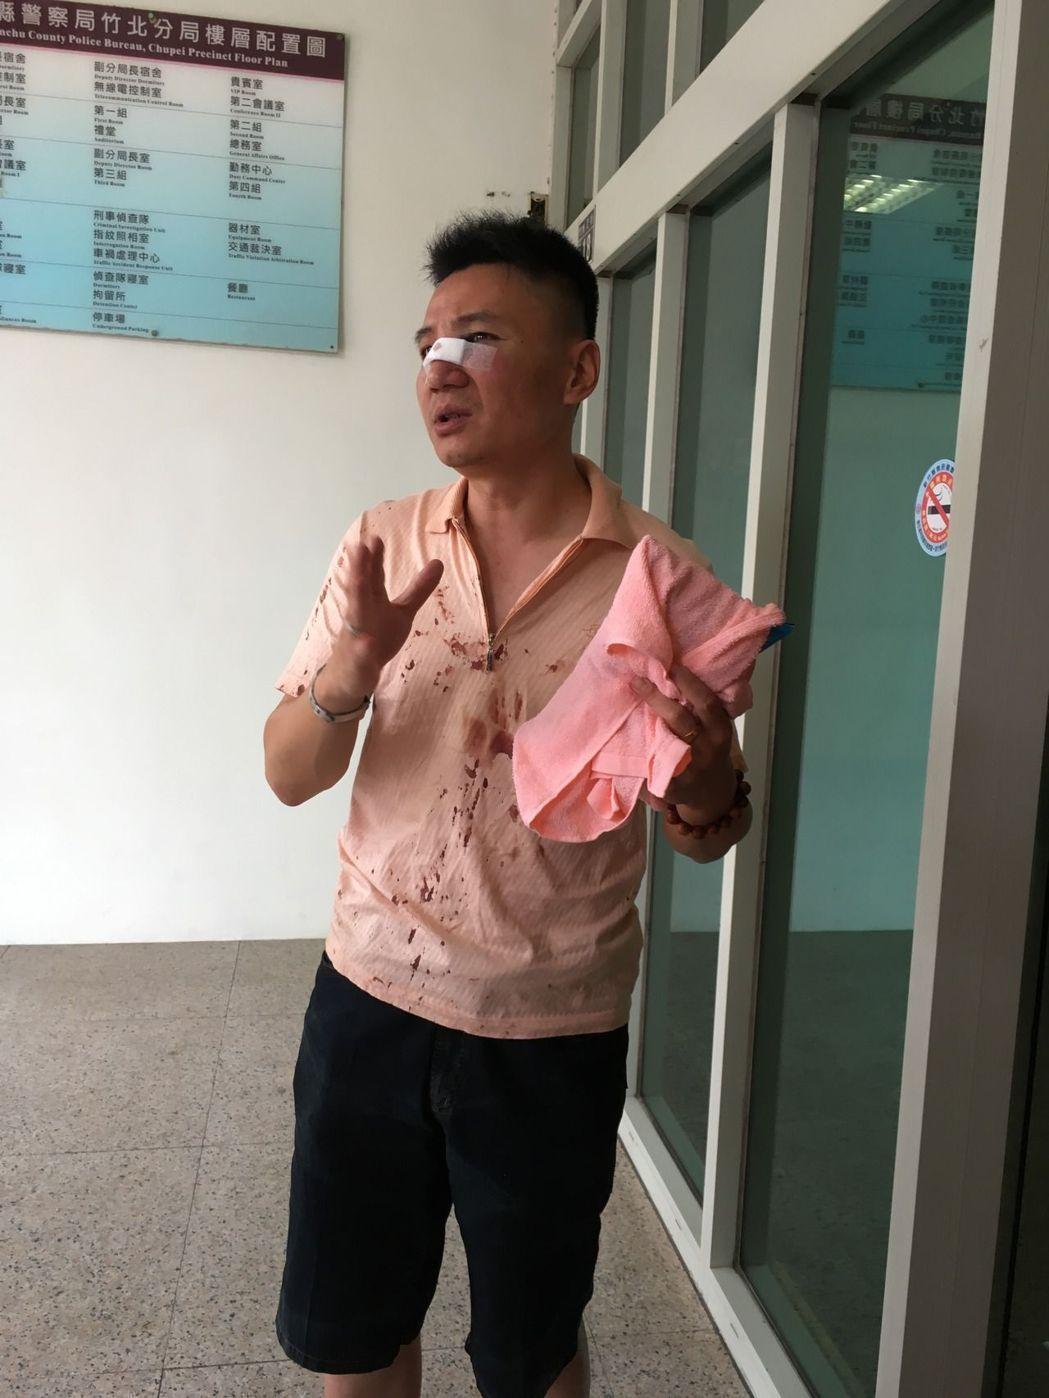 竹北分局協勤民防與越籍阮姓嫌犯搏鬥,造成鼻梁骨折。記者張雅婷/攝影